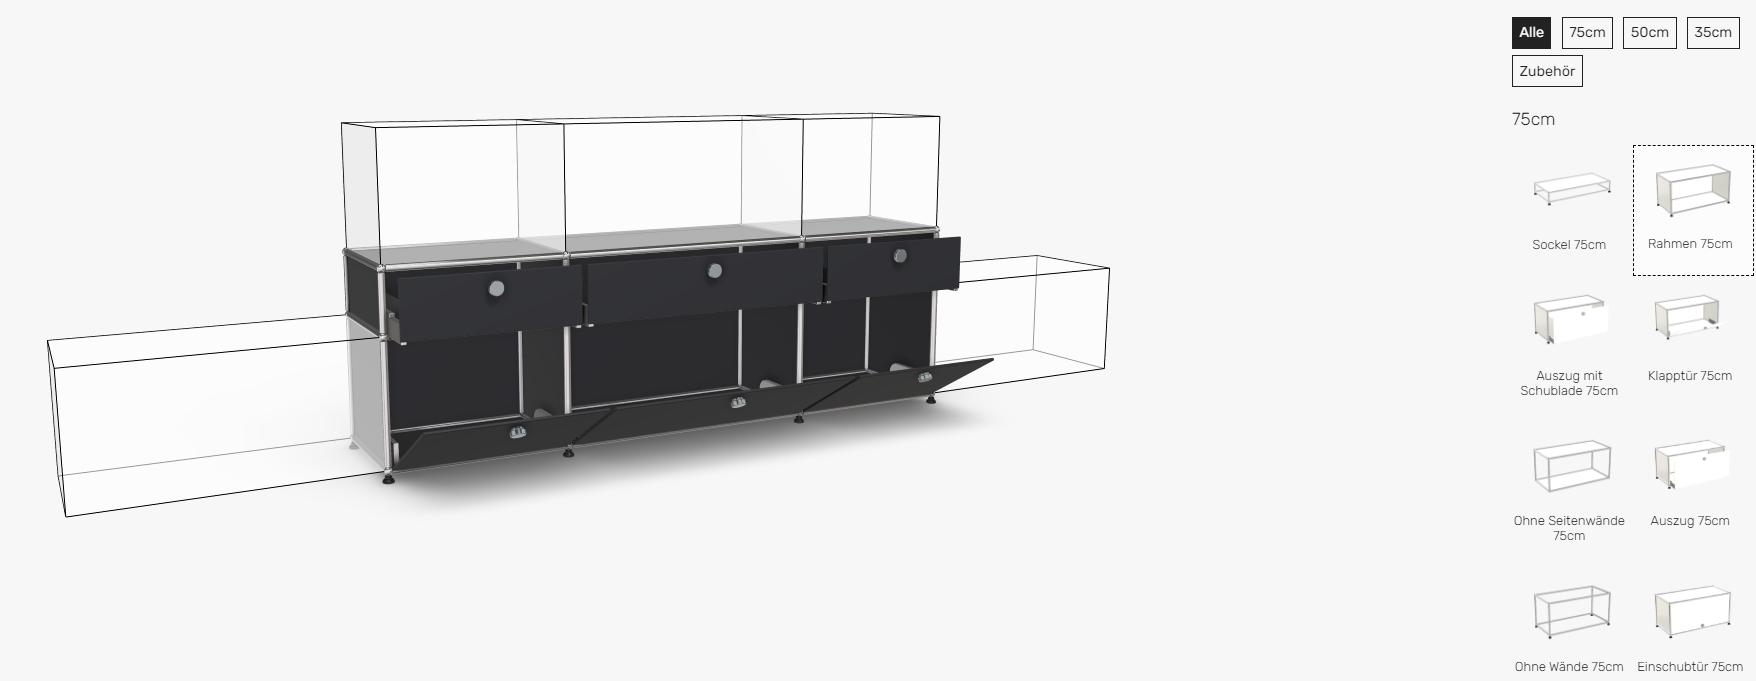 USM-Haller-Konfigurator-Sideboard-Schwarz